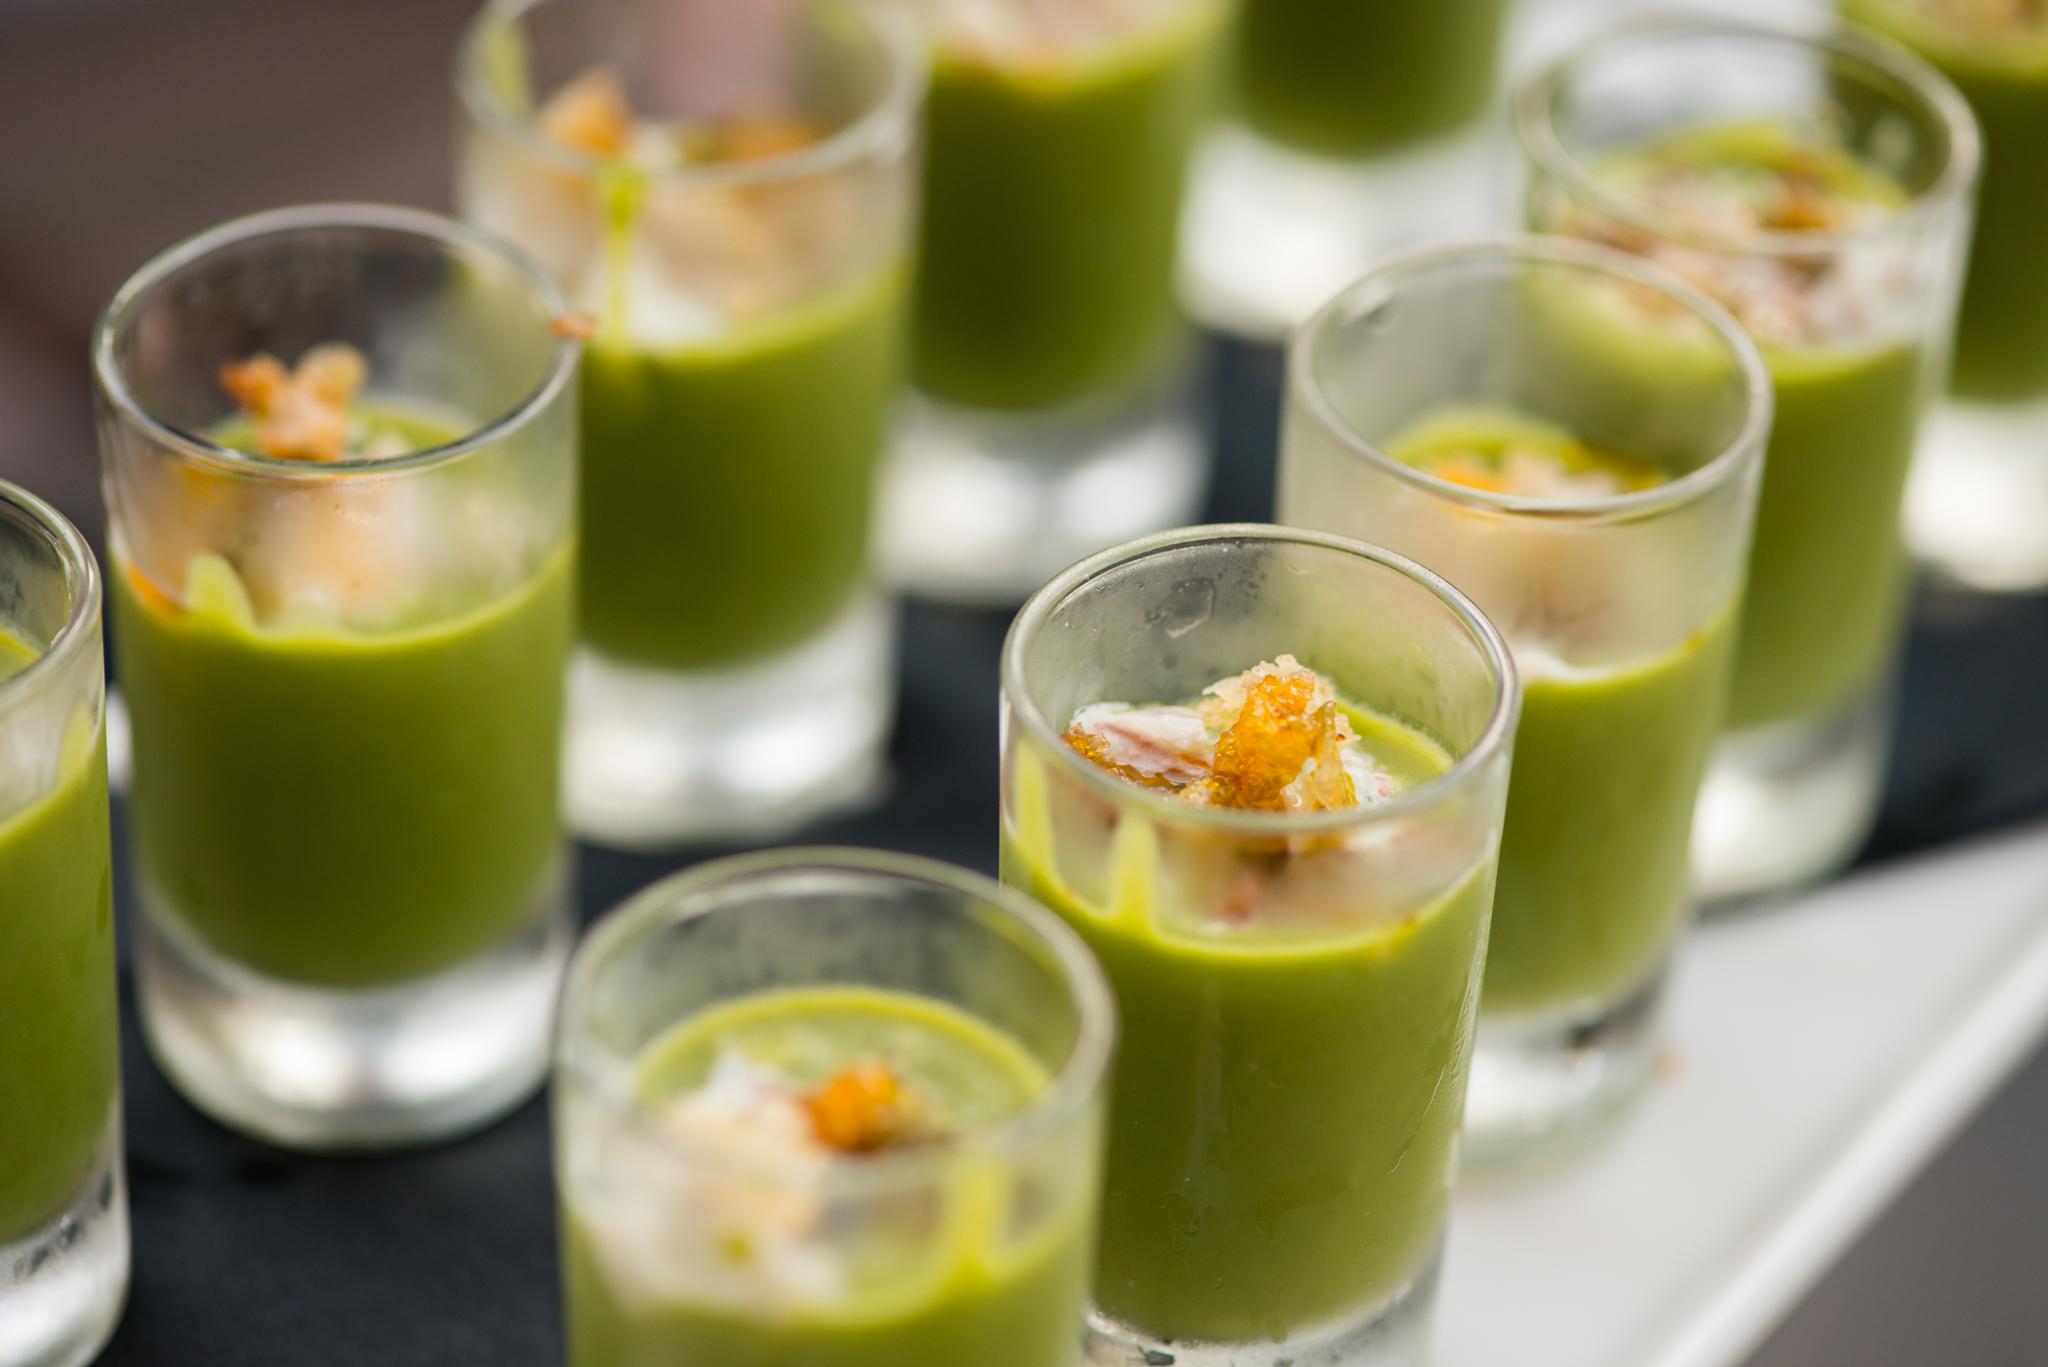 cuisine-21.jpg